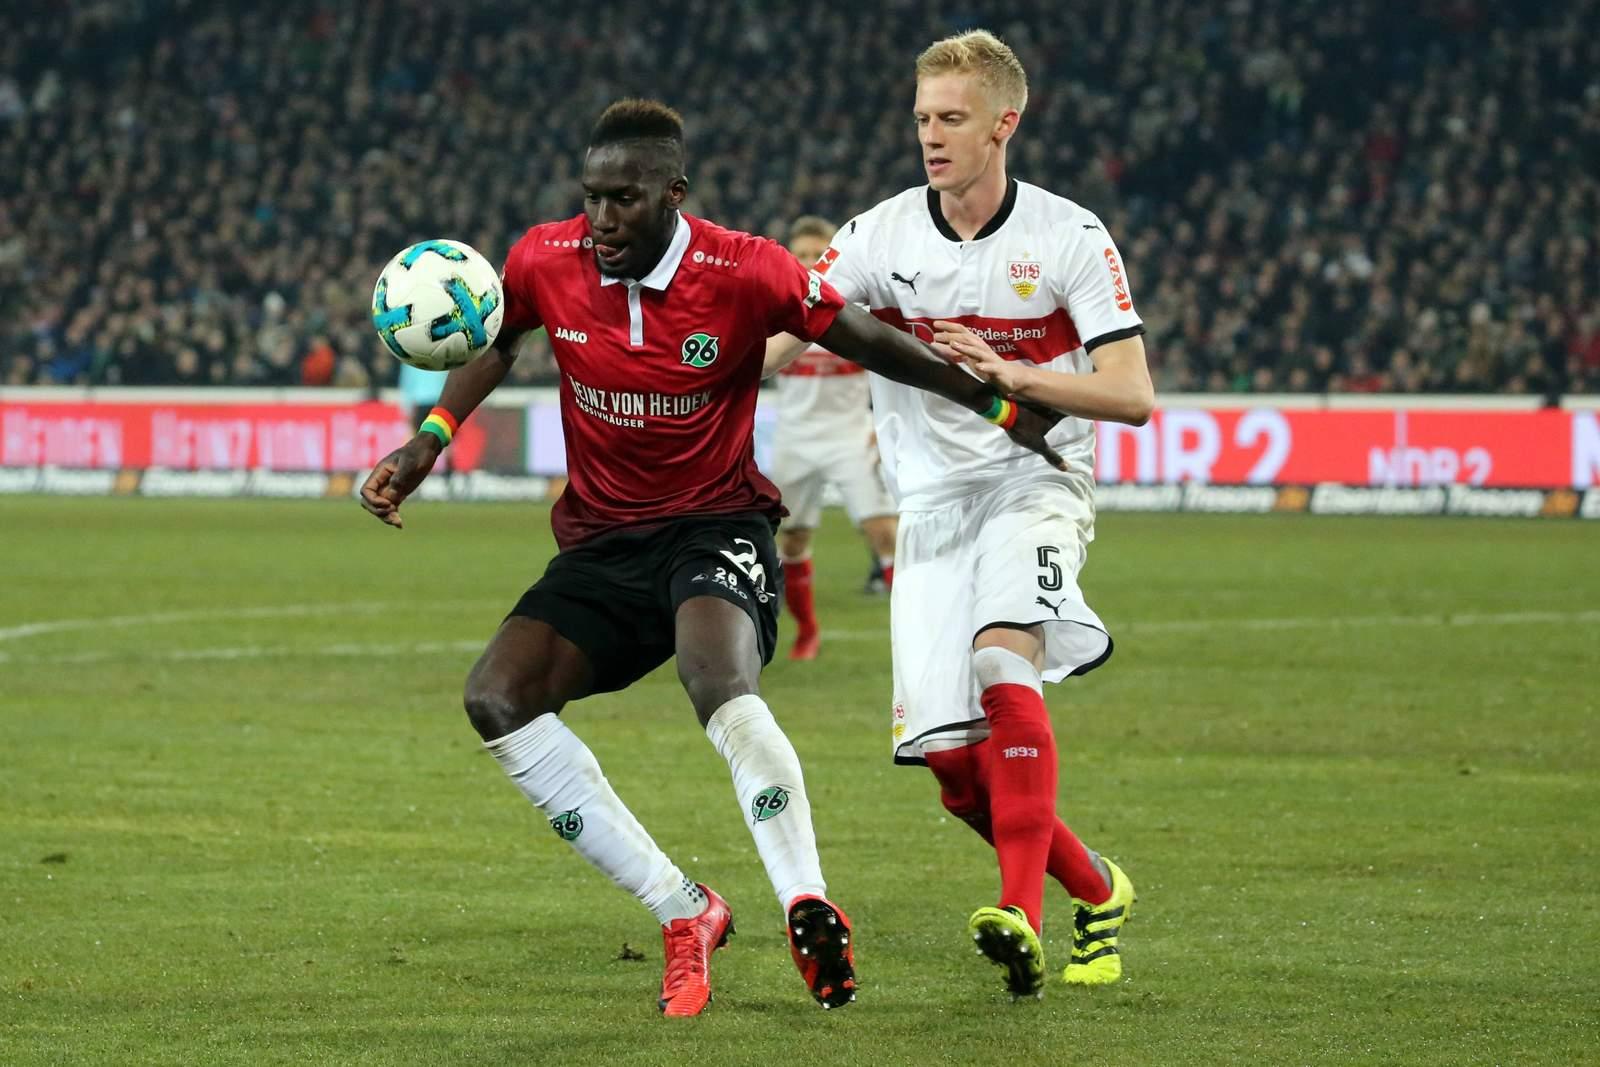 Hannovers Salif Sané verteidigt den Ball gegen Timo Baumgartl. Jetzt auf Stuttgart gegen Hannover wetten!